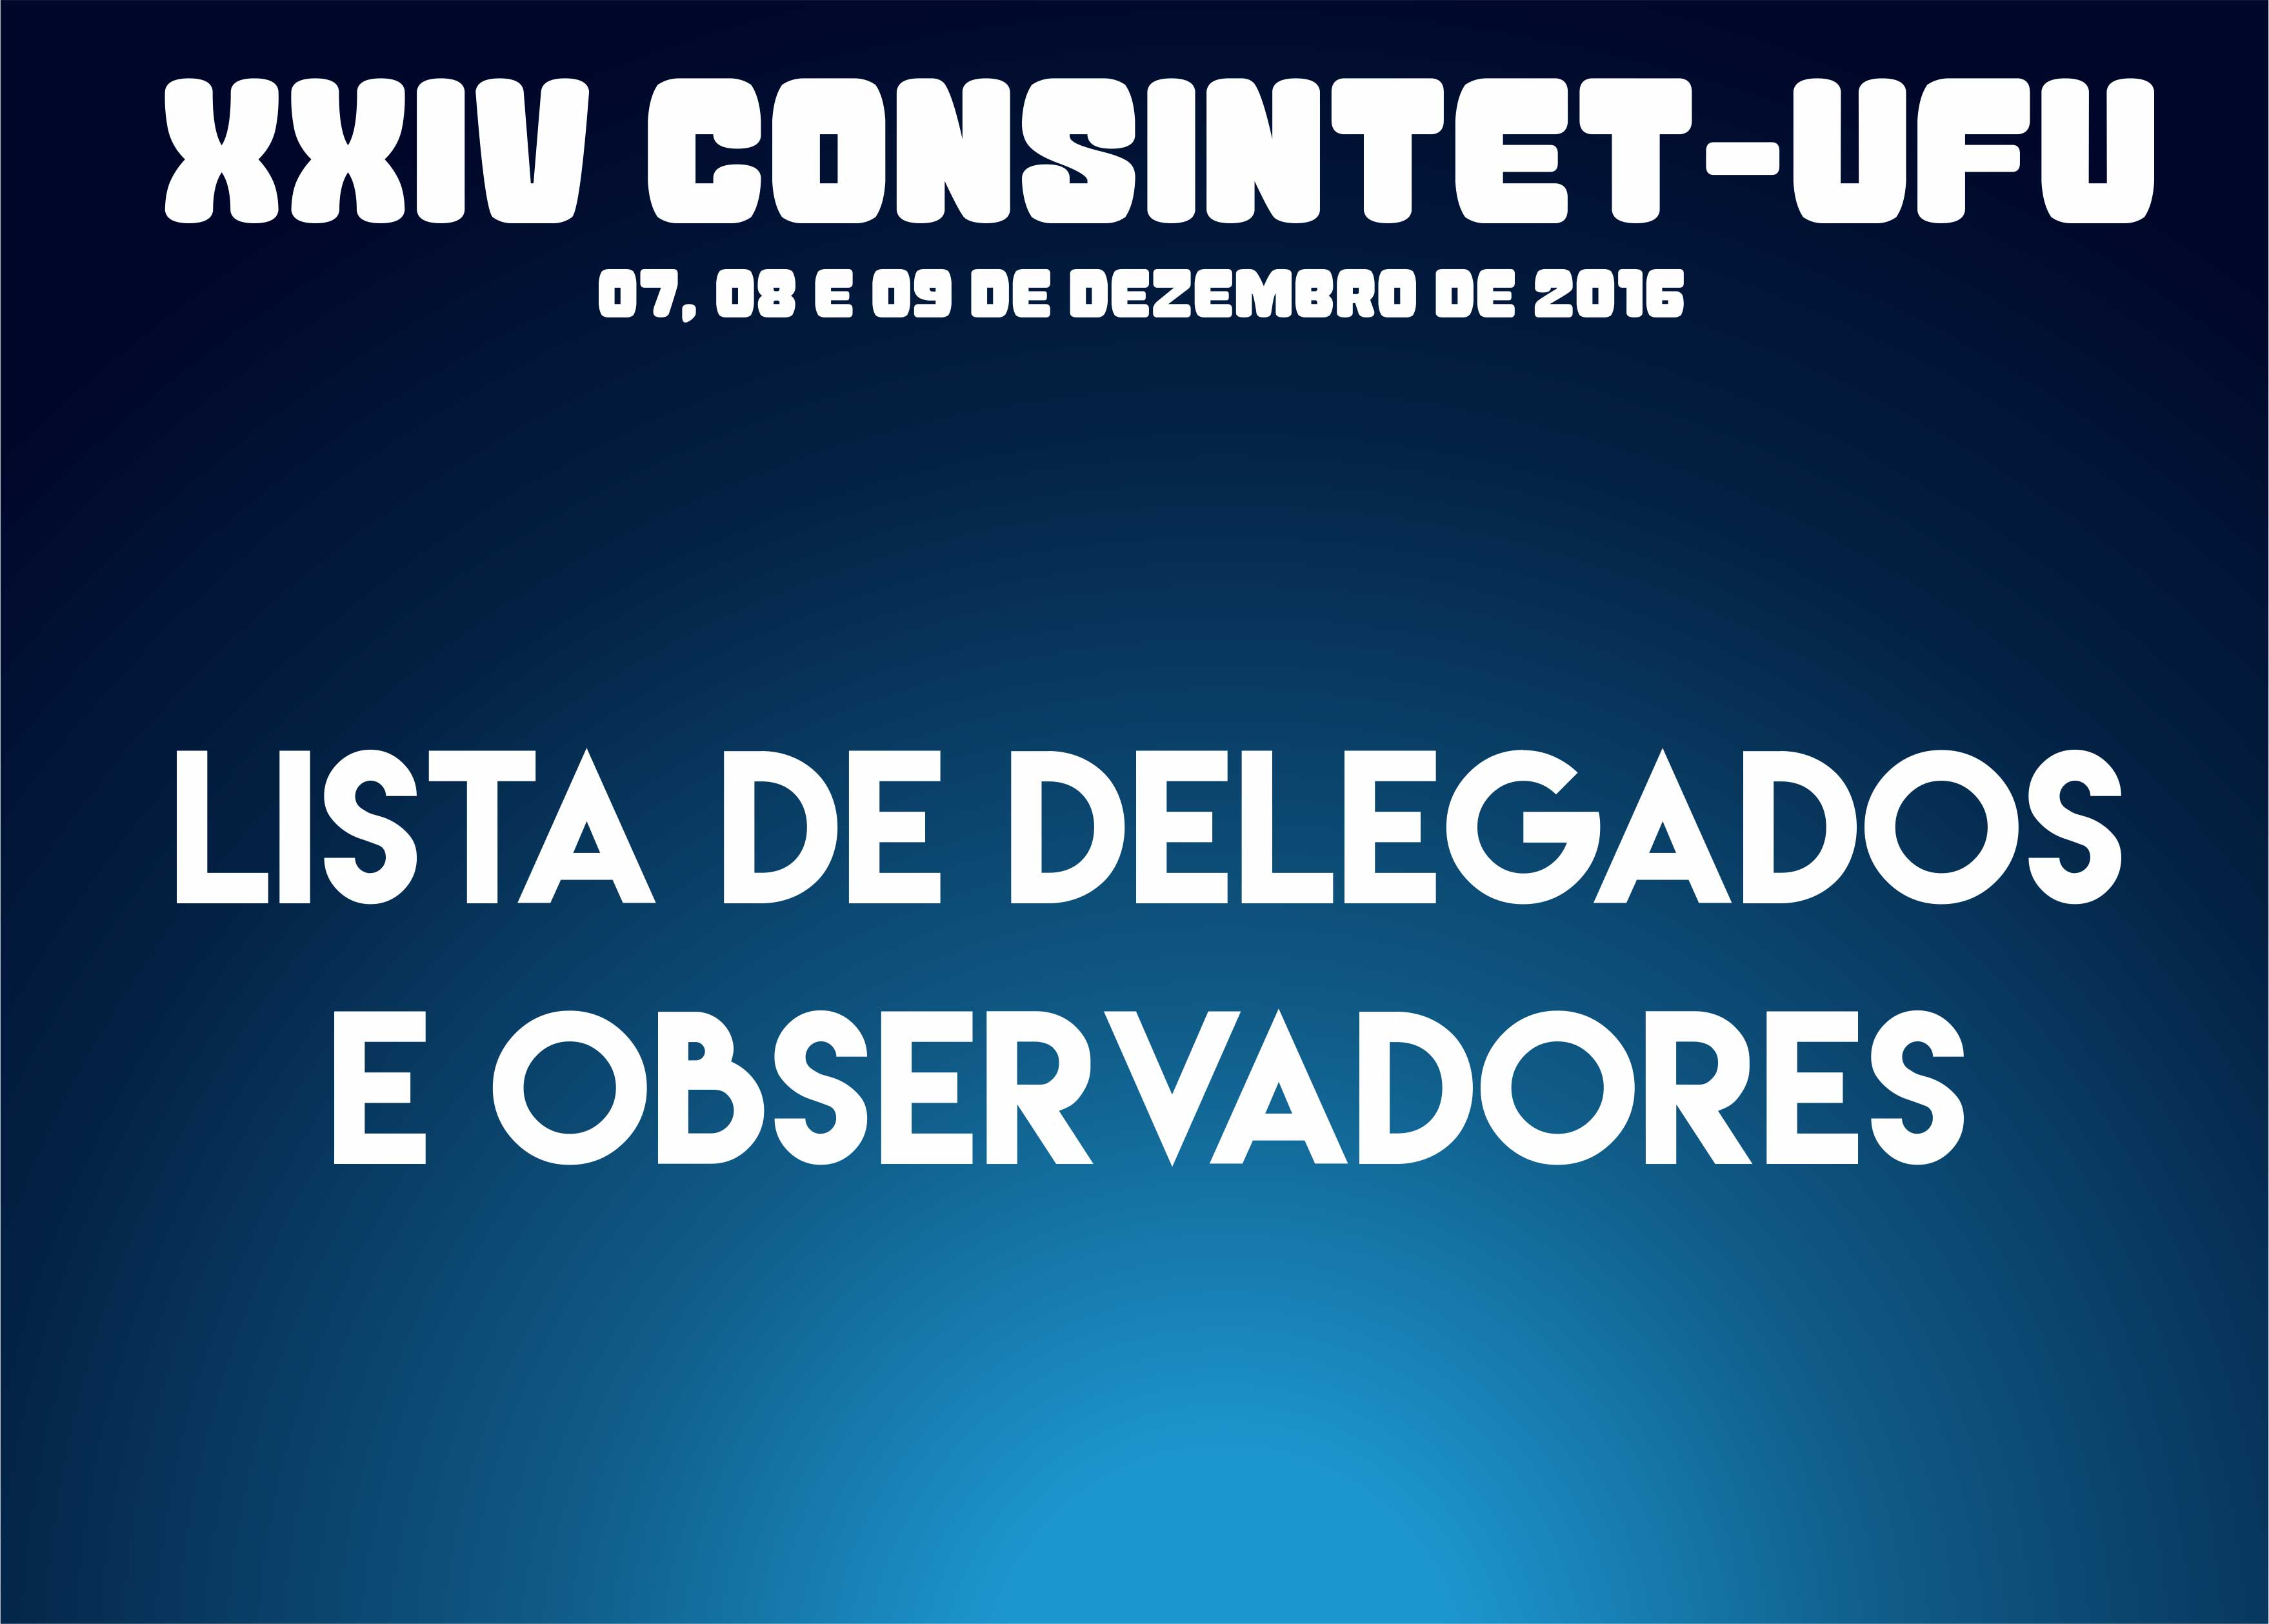 cartaz-lista-de-delegados-e-observadores